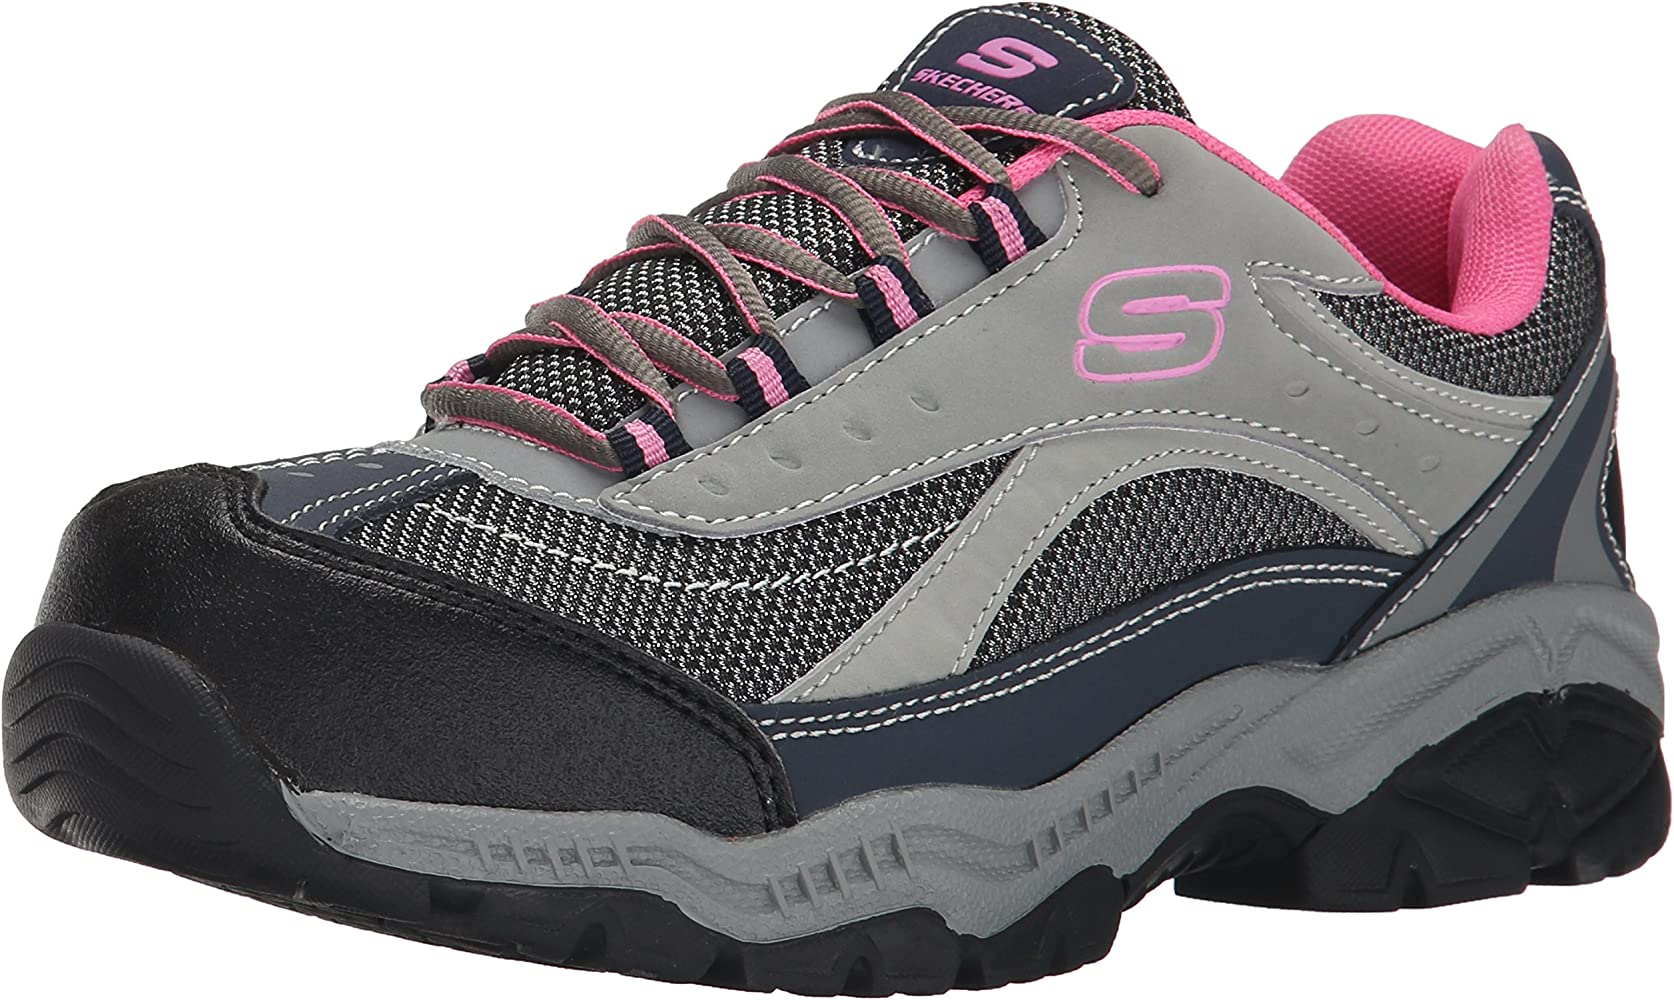 Skechers for Work Women's Doyline Hiker